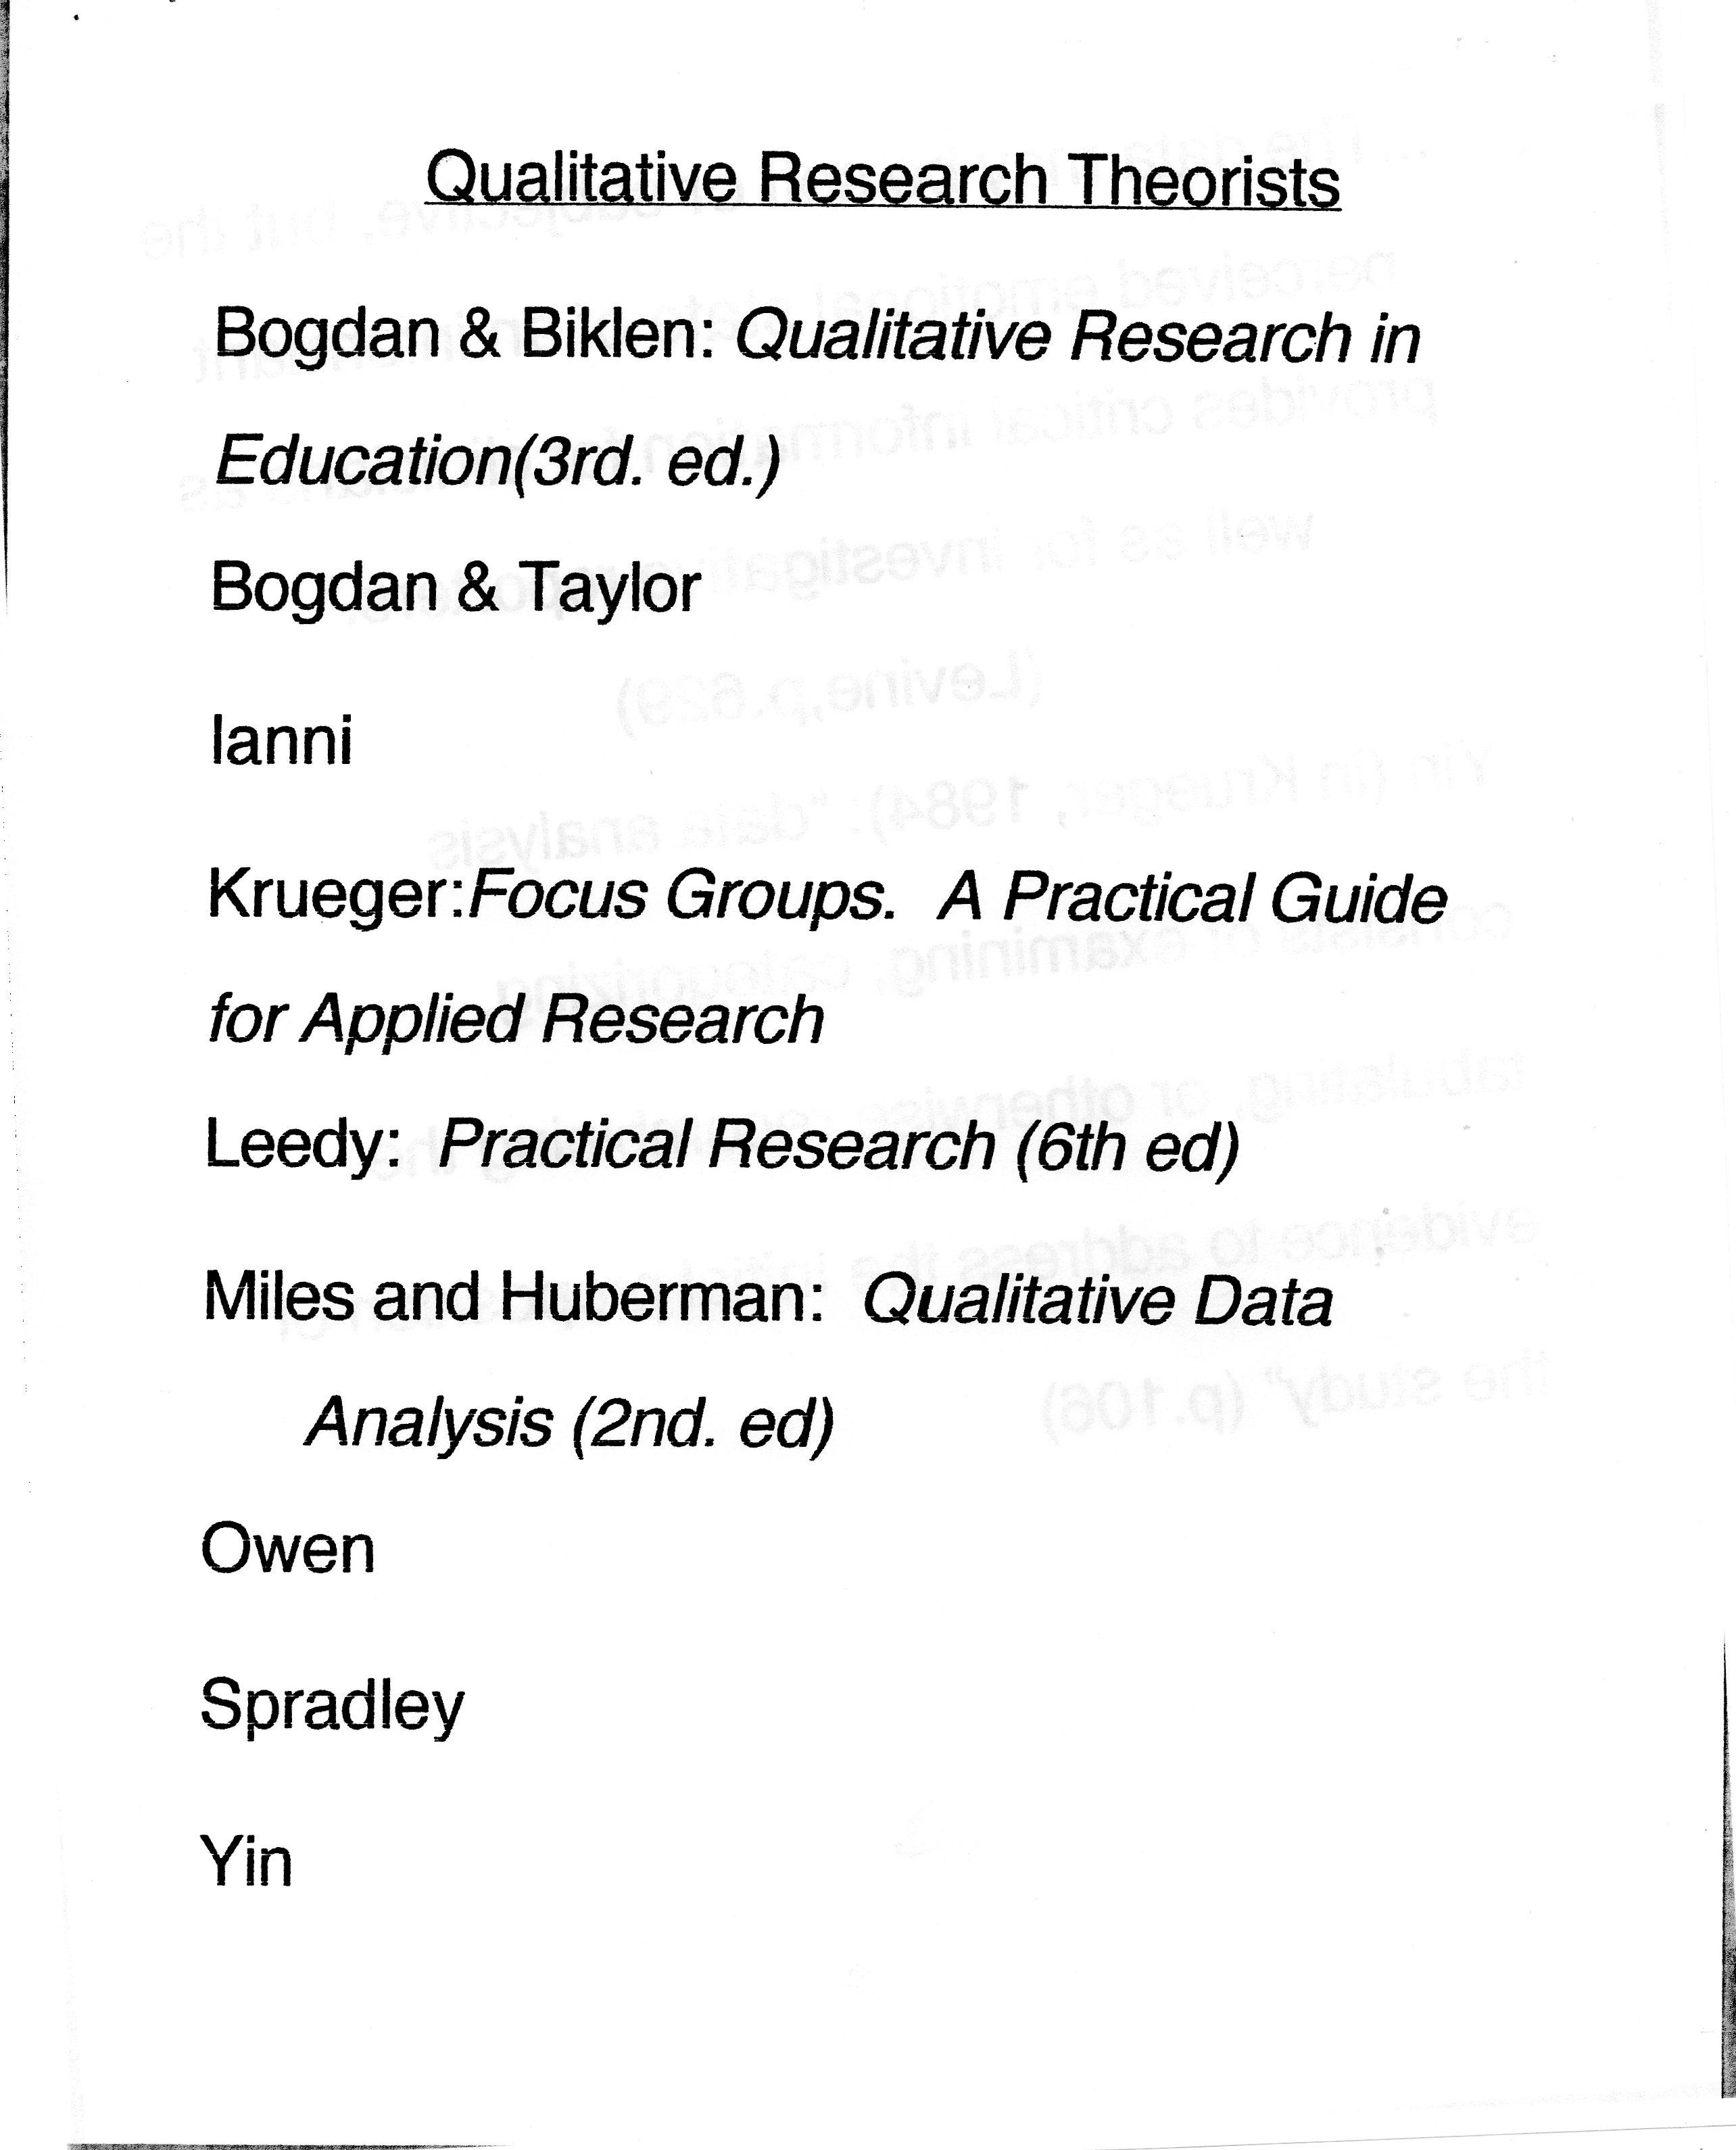 edu 7900 qualitative research | valerie vacchio's digital portfolio